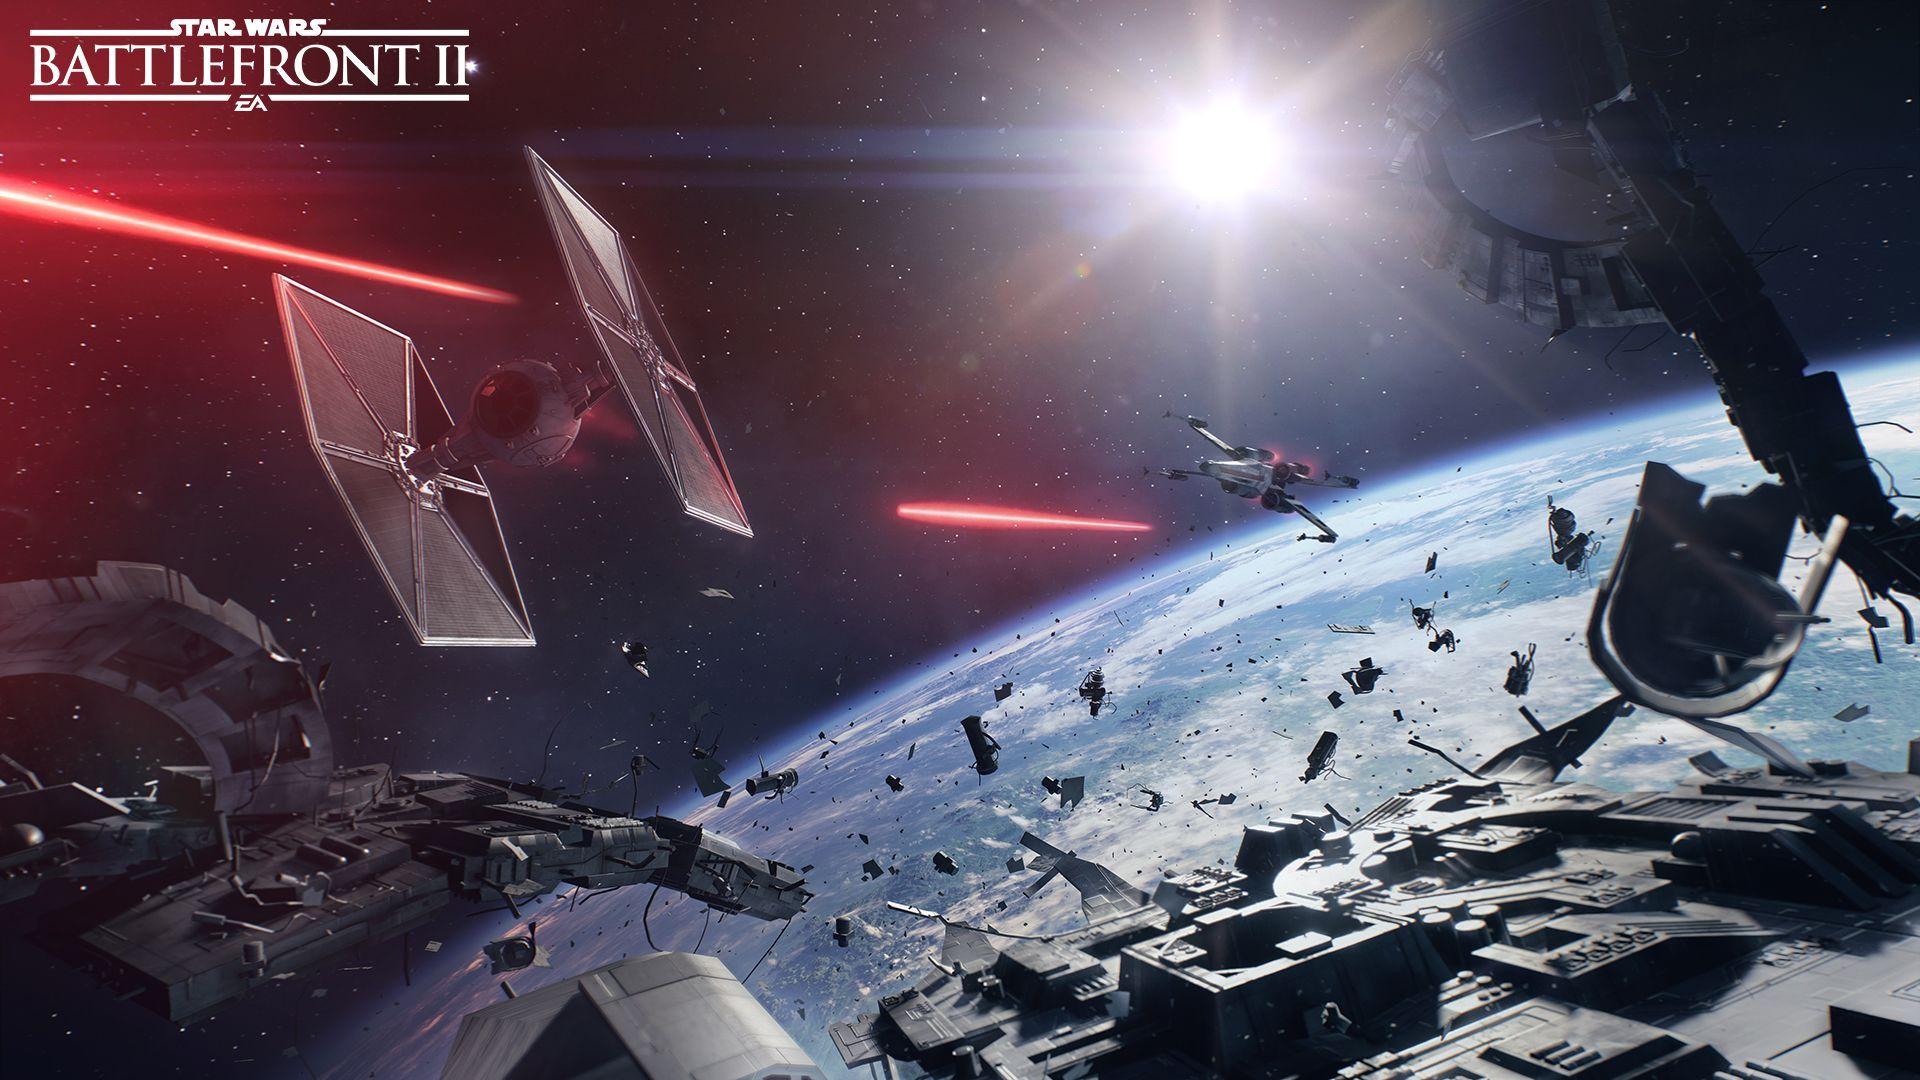 Star Wars Battlefront II (Xbox One) - 8